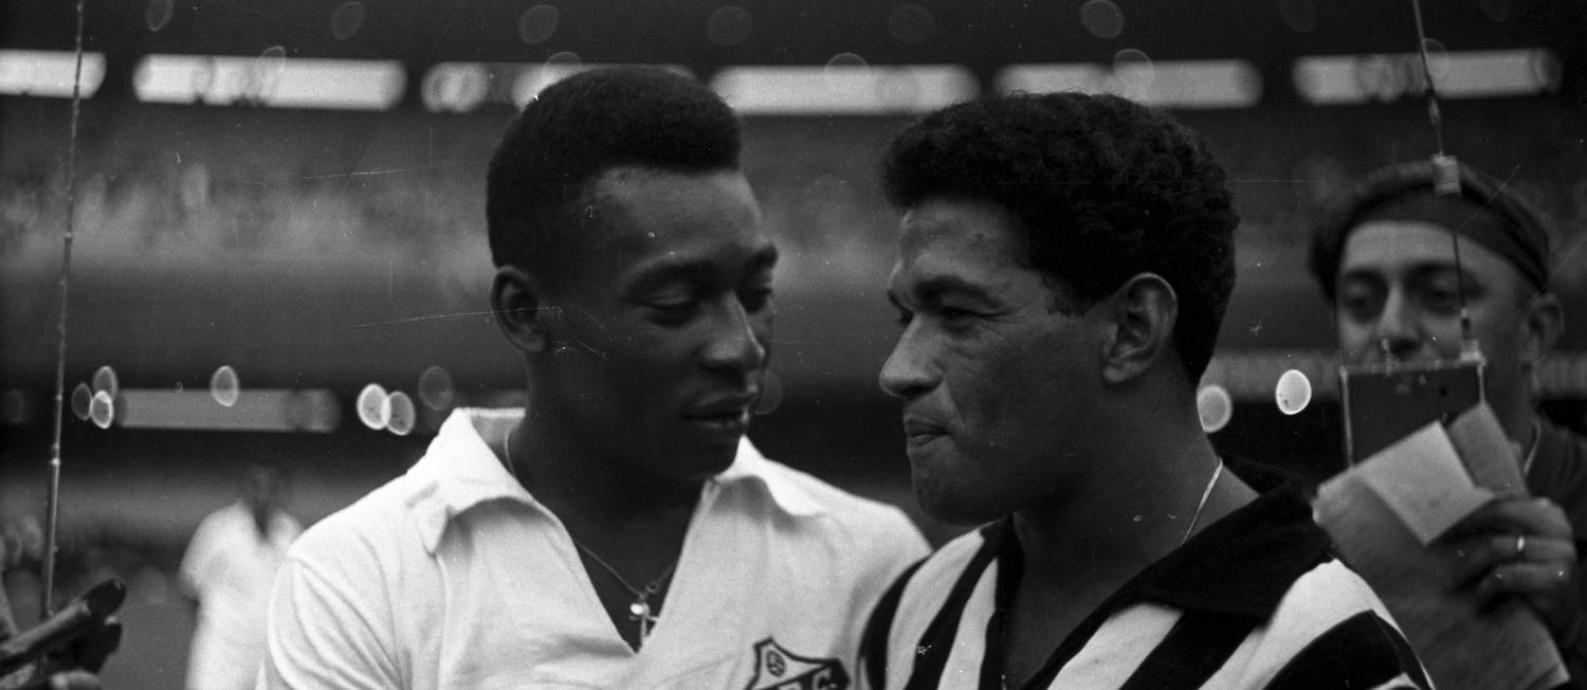 Pelé e Garrincha, em 1965, durante partida do torneio Rio-São Paulo, no Maracanã Foto: Arquivo/Agência O Globo